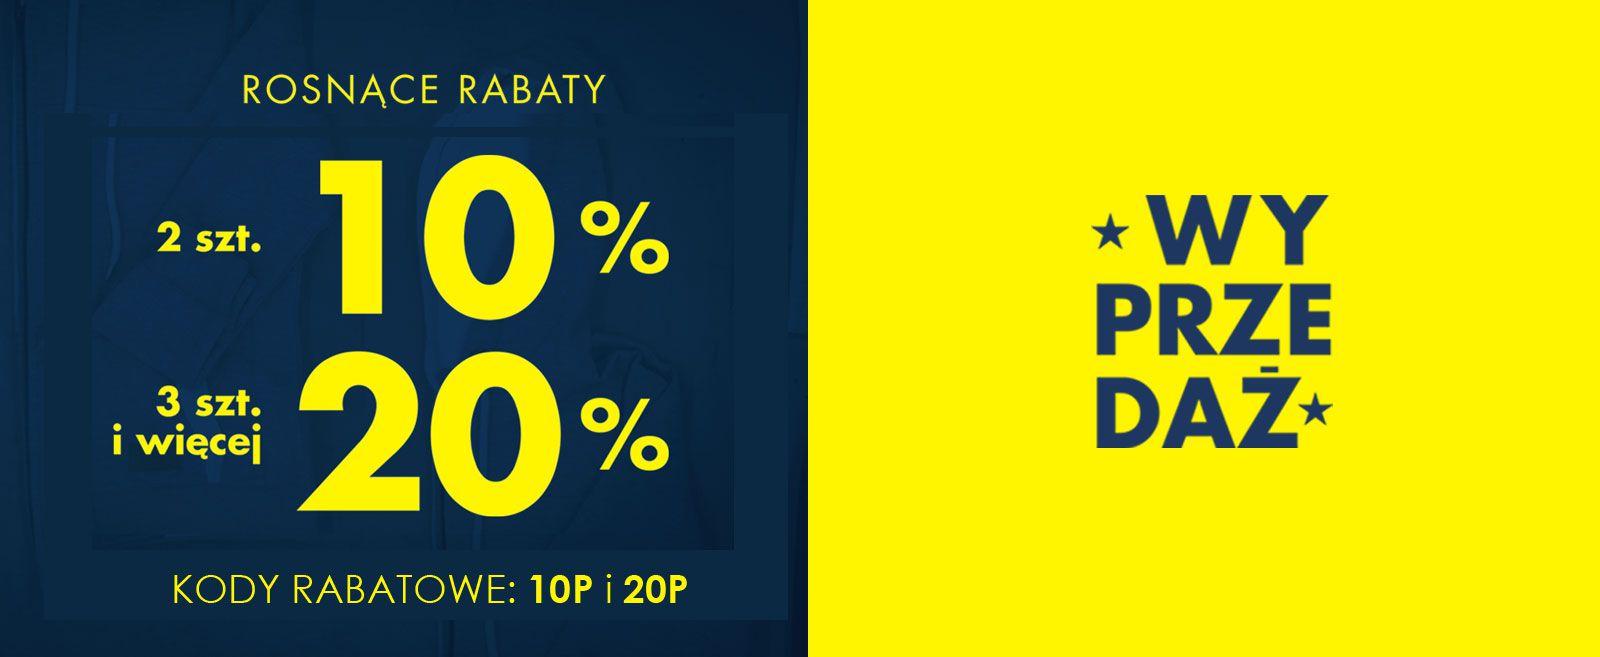 Wyprzedaż letnia z rosnącymi rabatami: 10% na dwa produkty i 20% na trzy i więcej @ Big Star